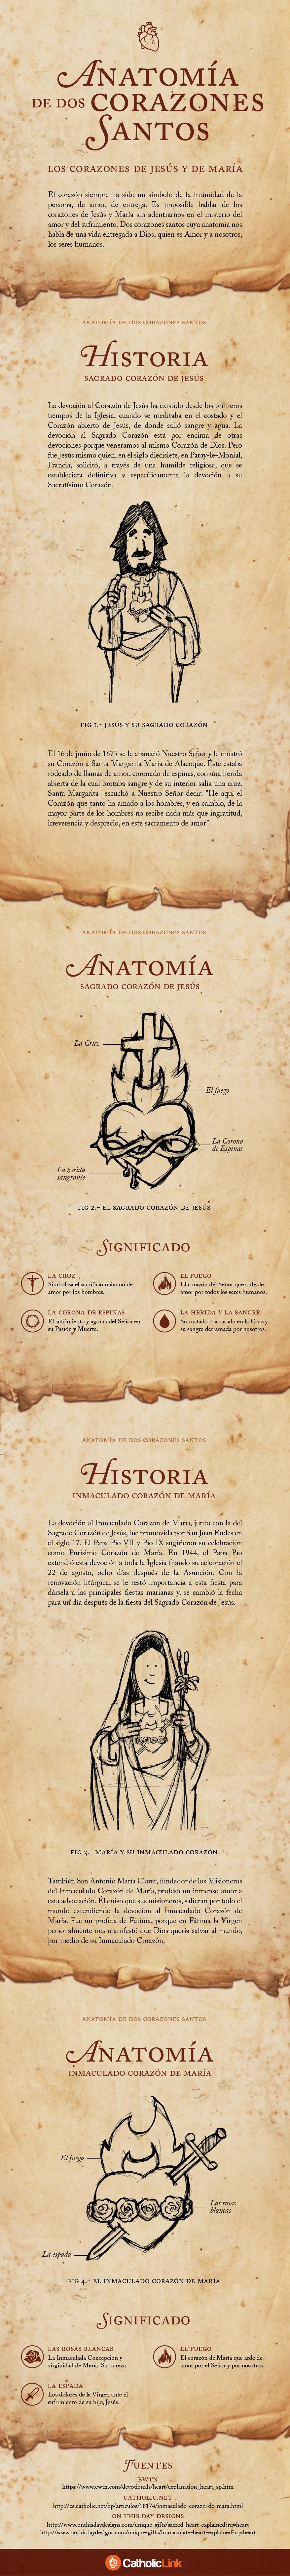 Infografía) La anatomía de dos corazones santos.